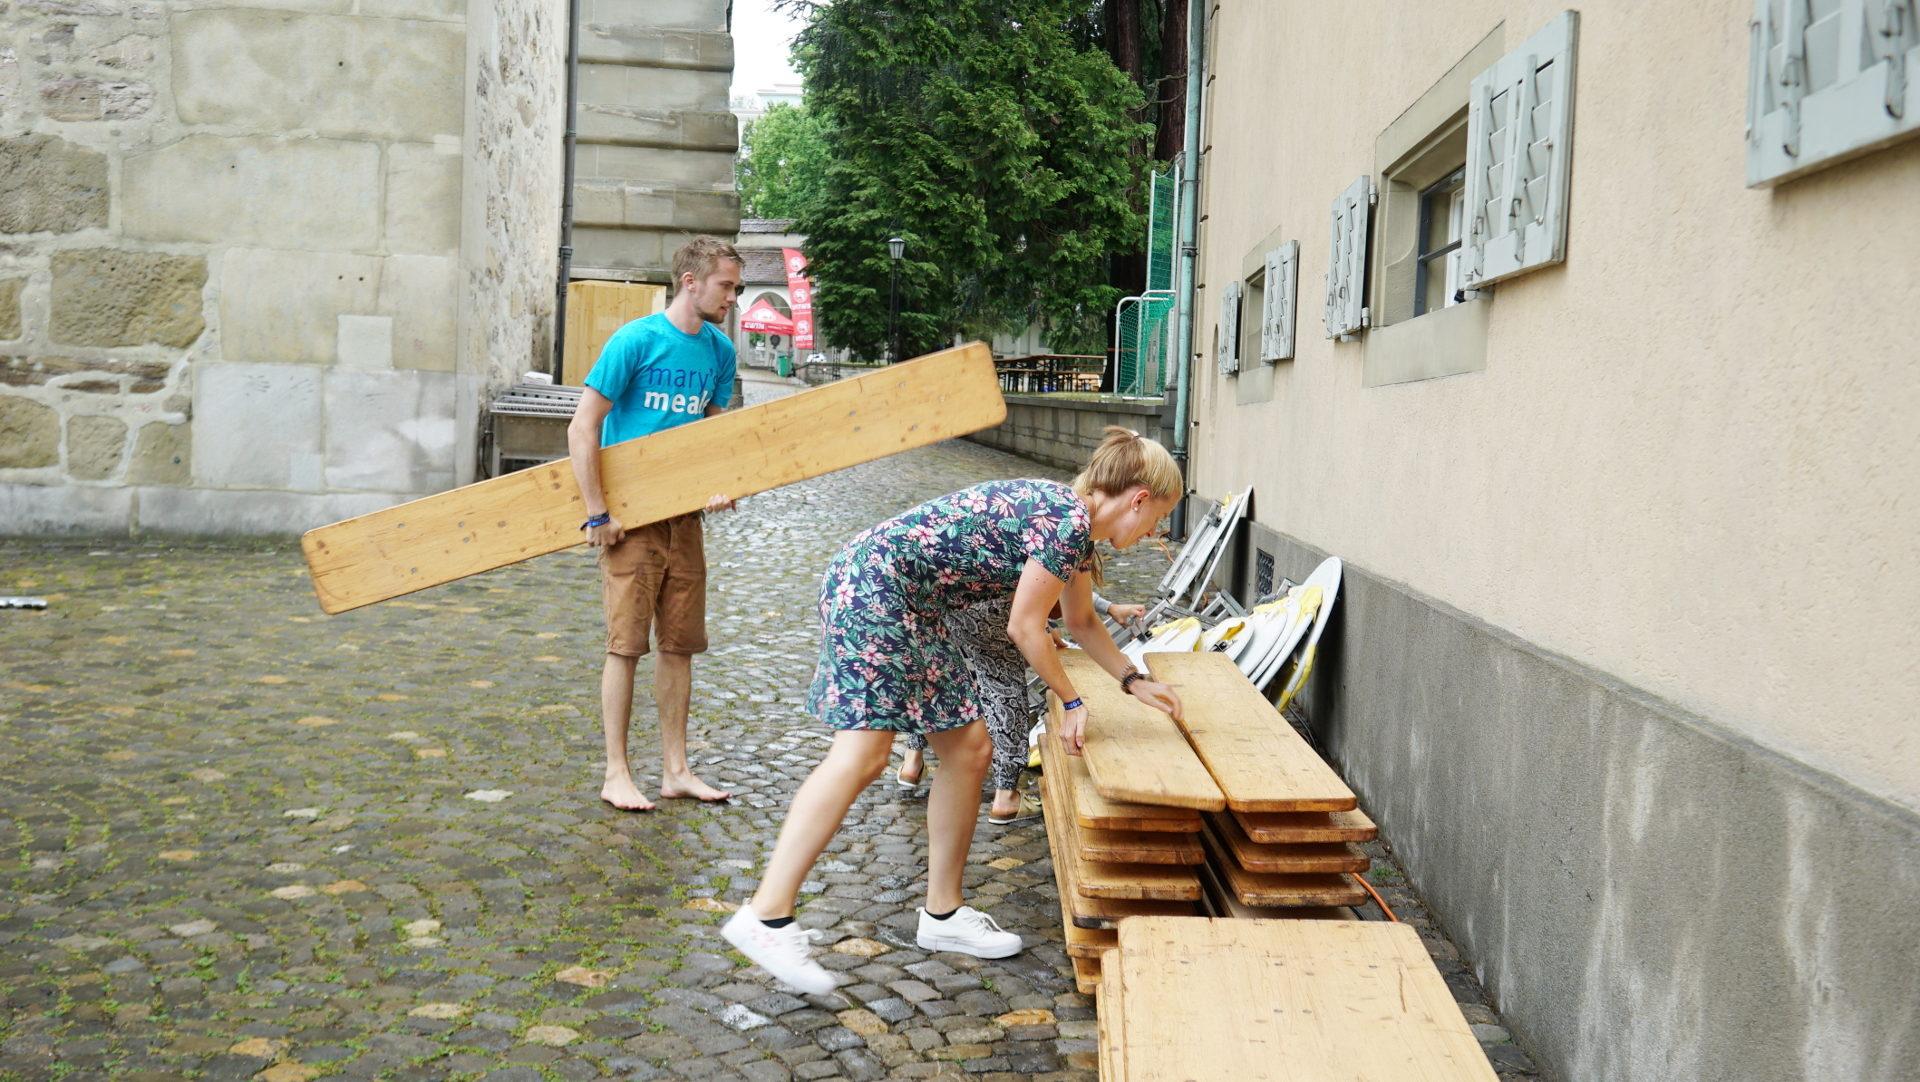 Jugendliche beim Aufräumen nach dem Sturm | © Vera Rüttimann